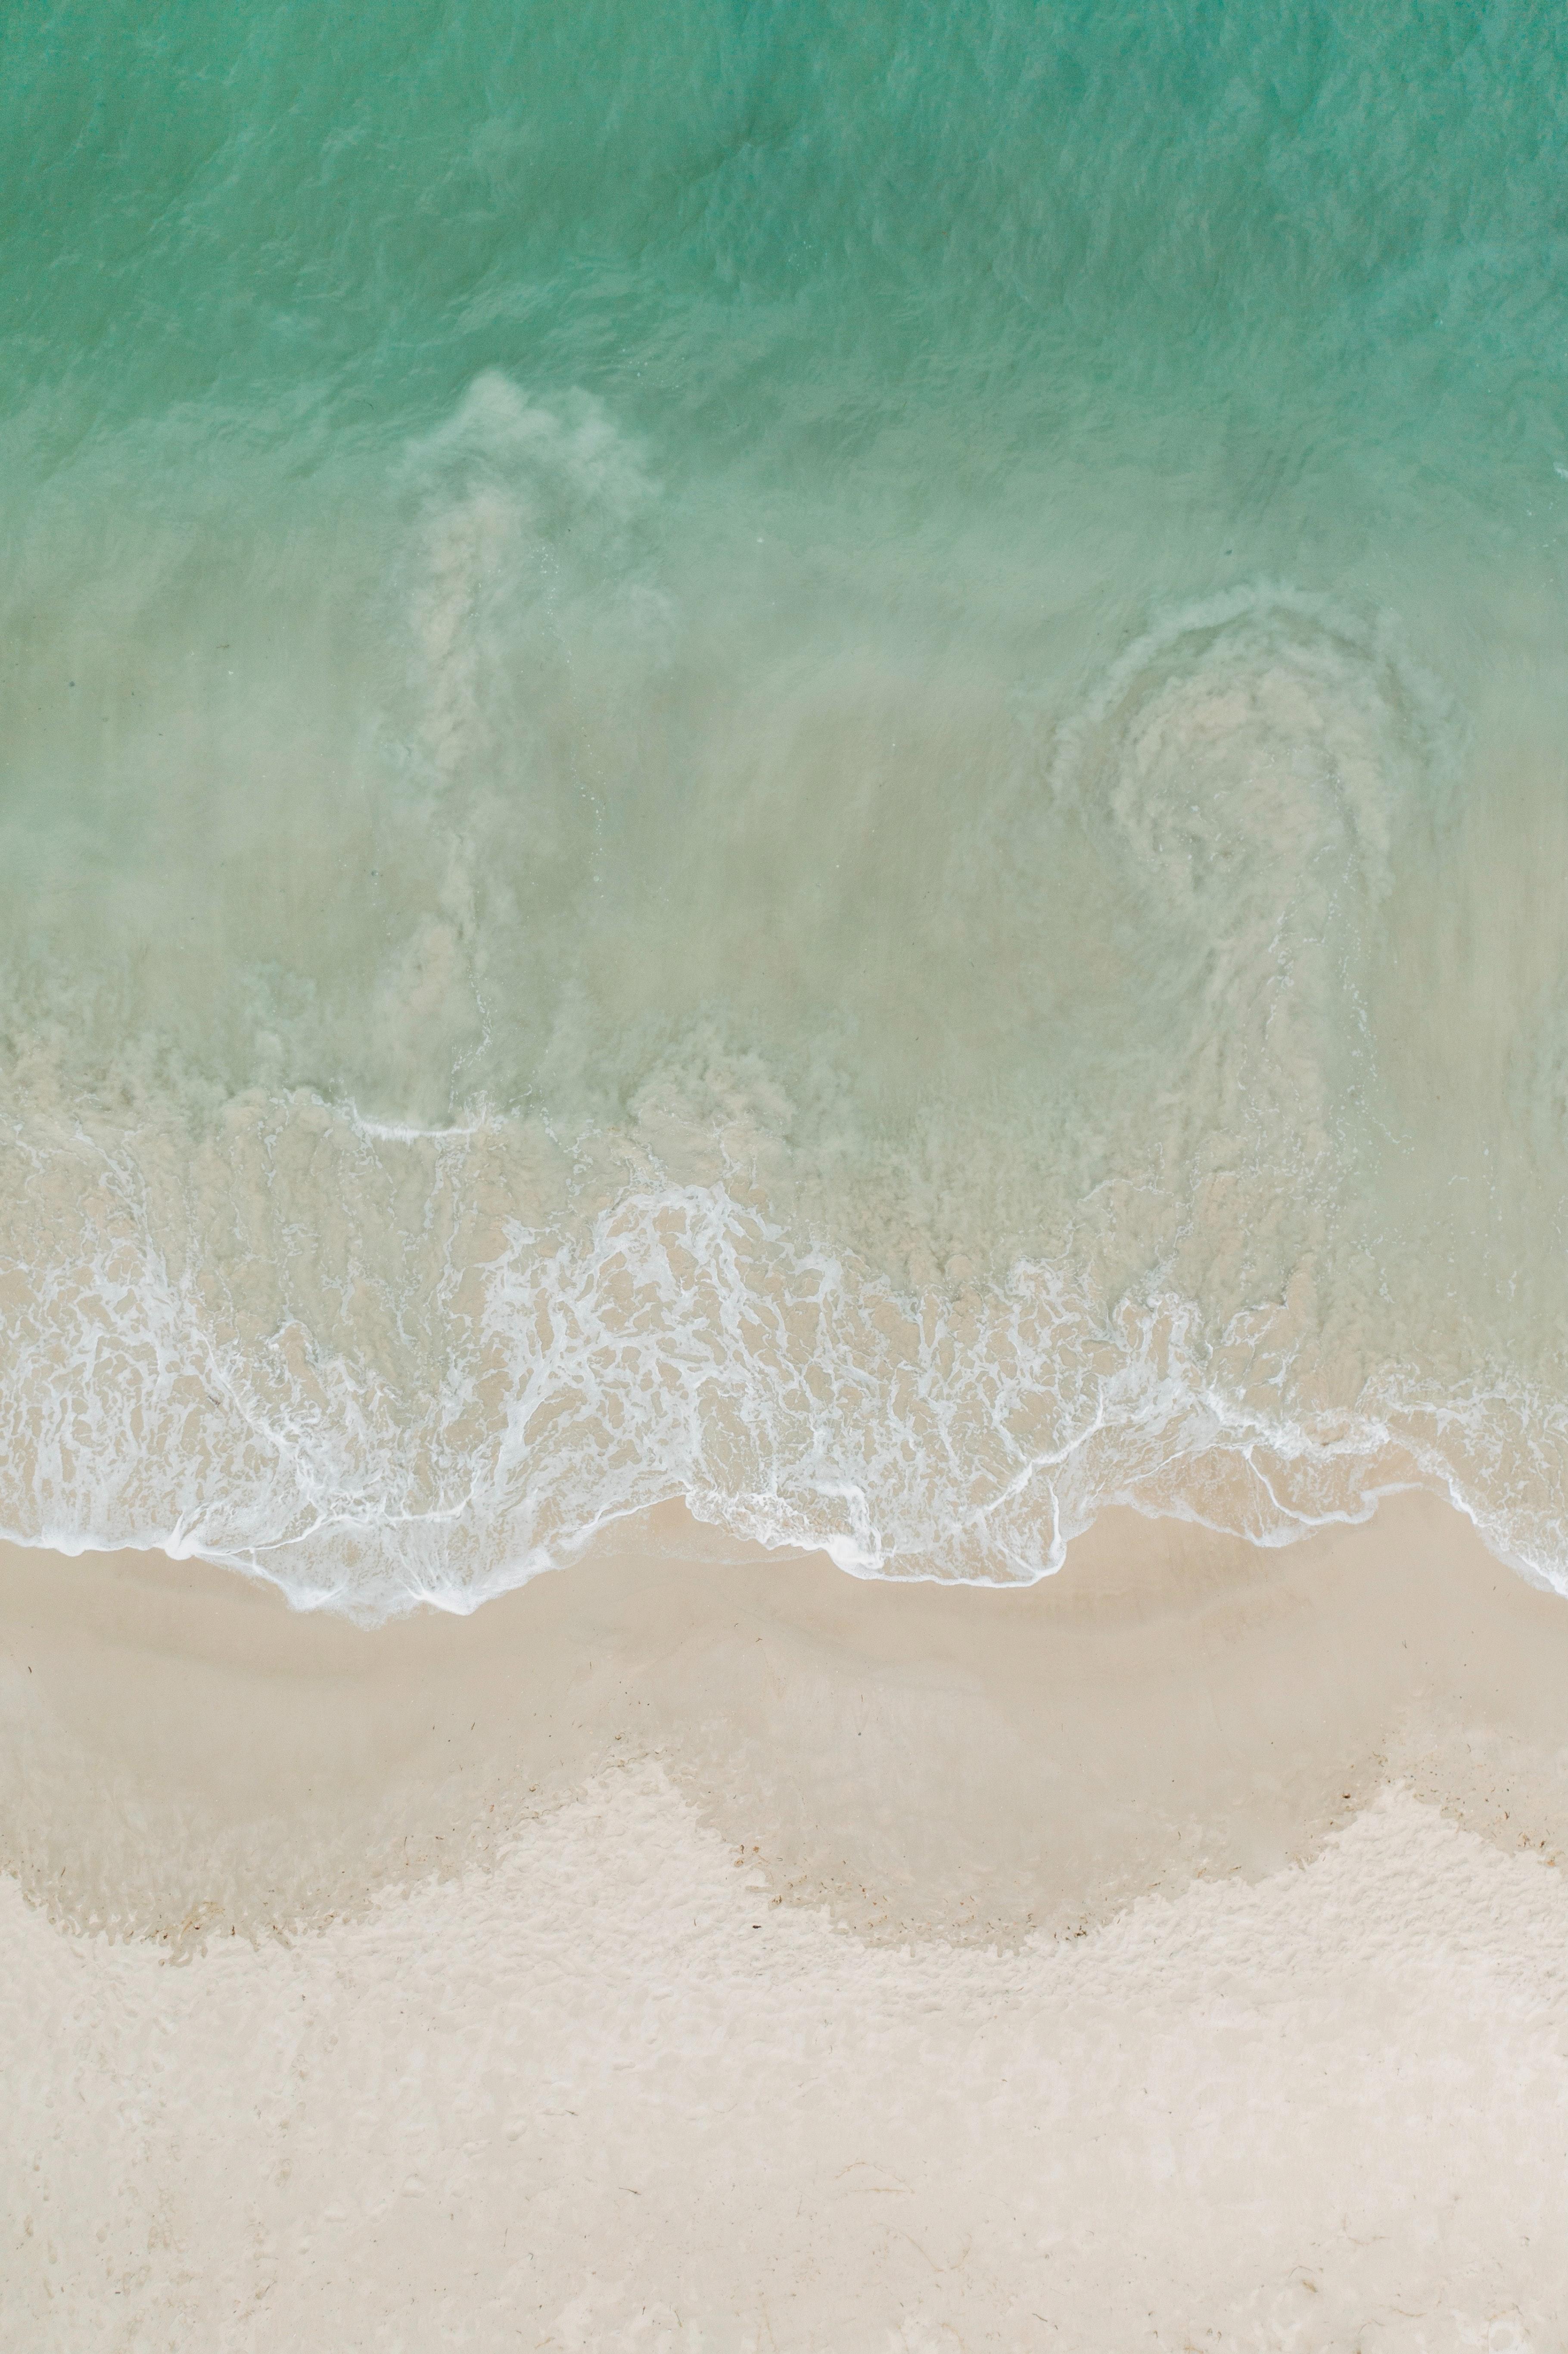 76308 Protetores de tela e papéis de parede Praia em seu telefone. Baixe Natureza, Mar, Ondas, Praia, Vista De Cima, Ver De Cima fotos gratuitamente